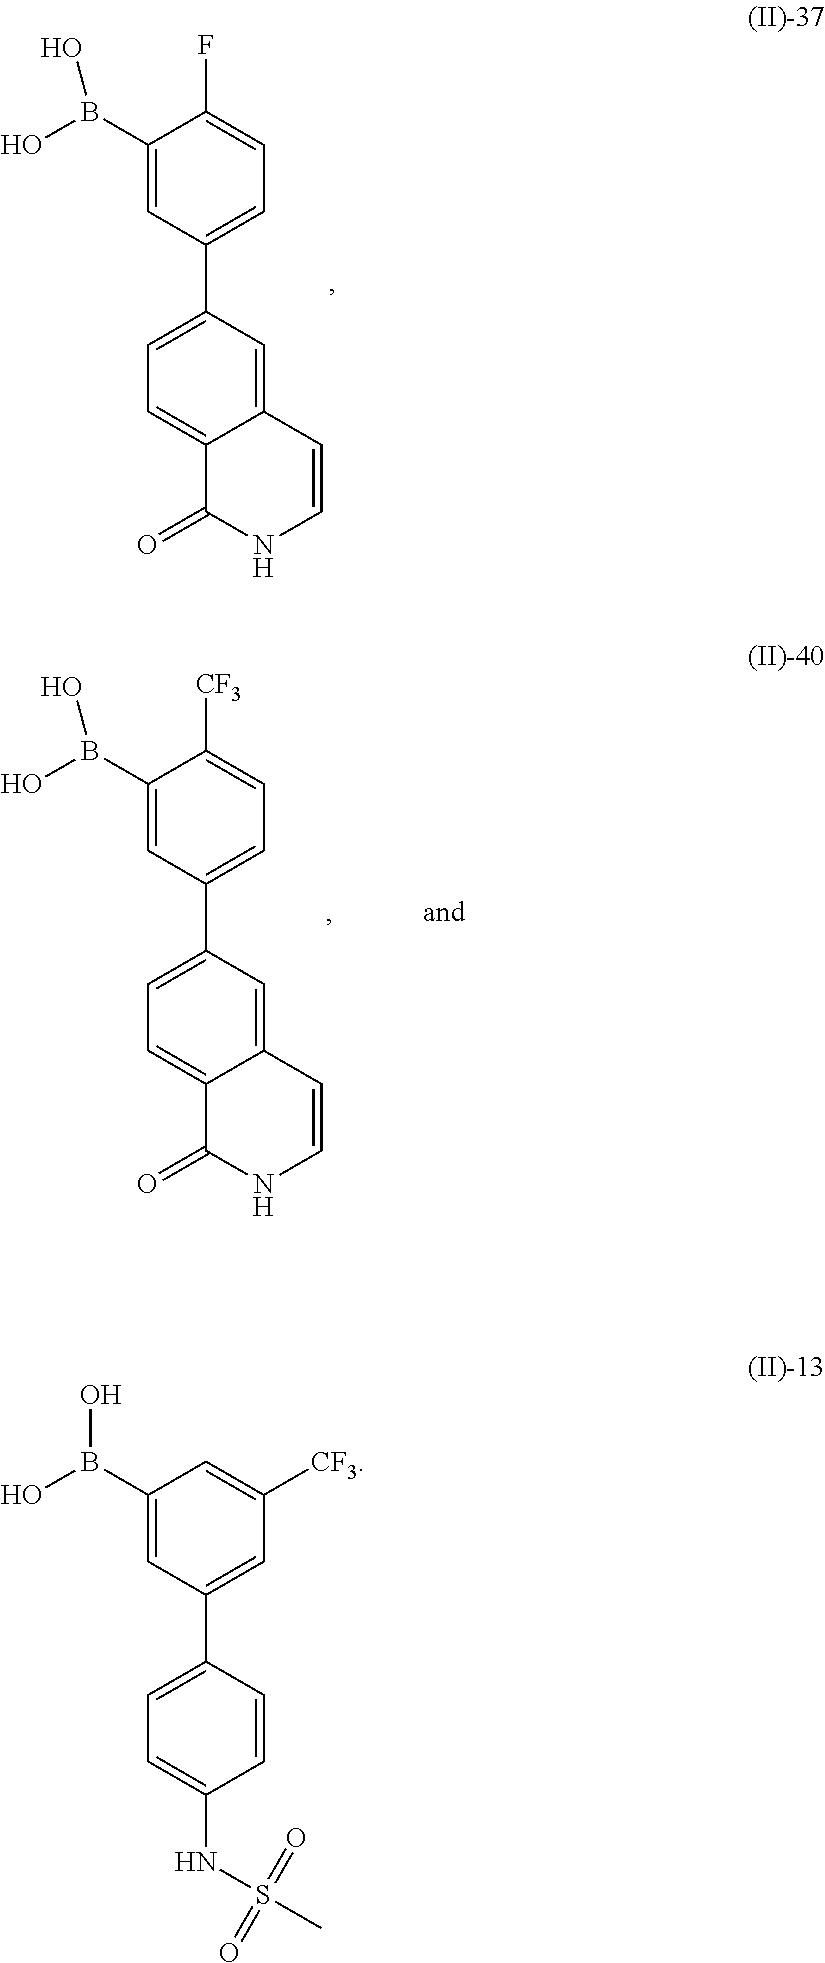 Figure US09630979-20170425-C00060